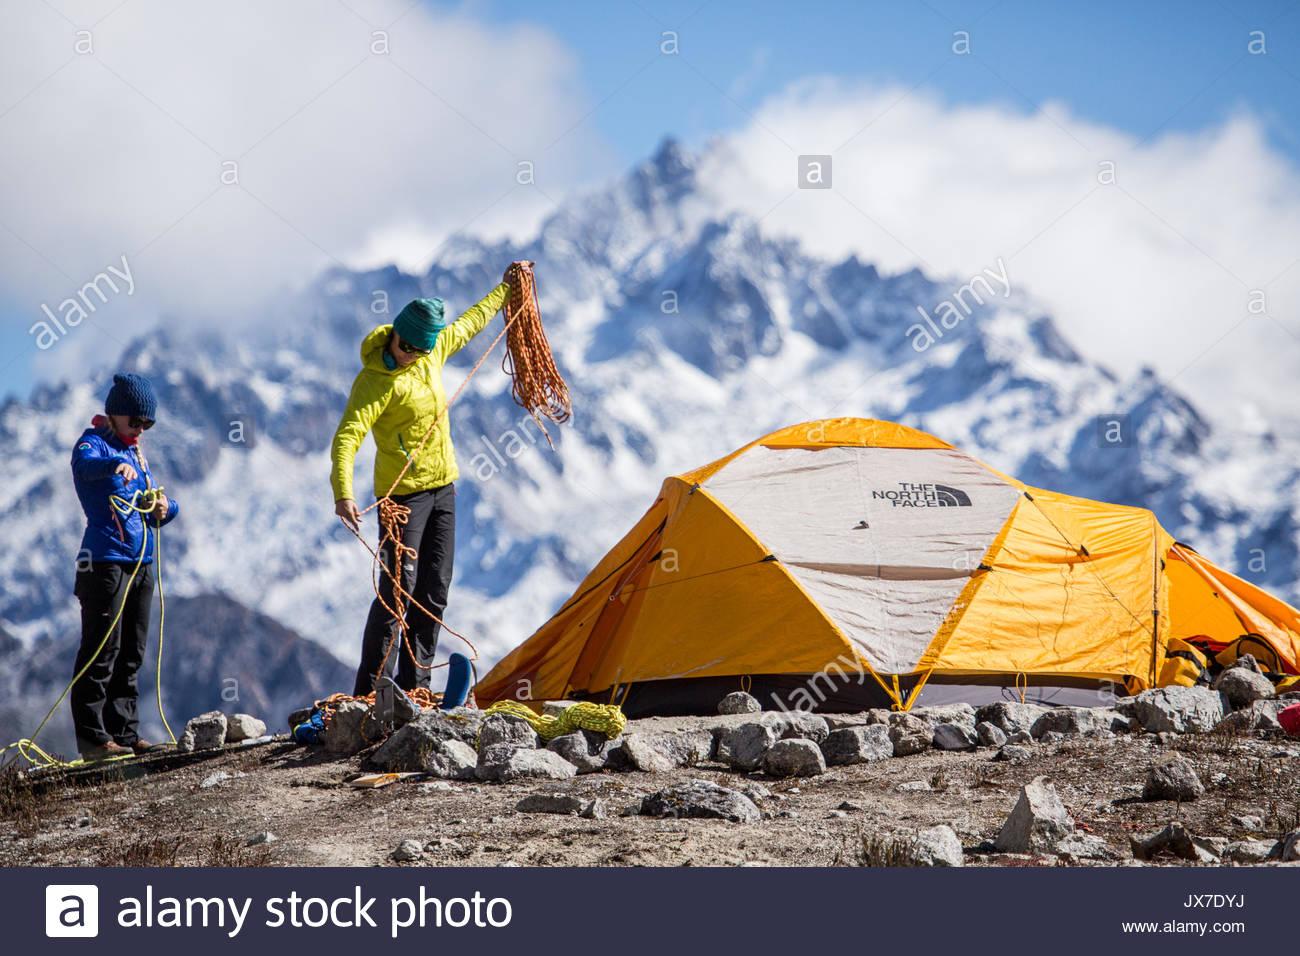 Les membres de l'expédition vérifier cordes d'escalade et le pignon avant de partir pour une expédition d'alpinisme. Photo Stock